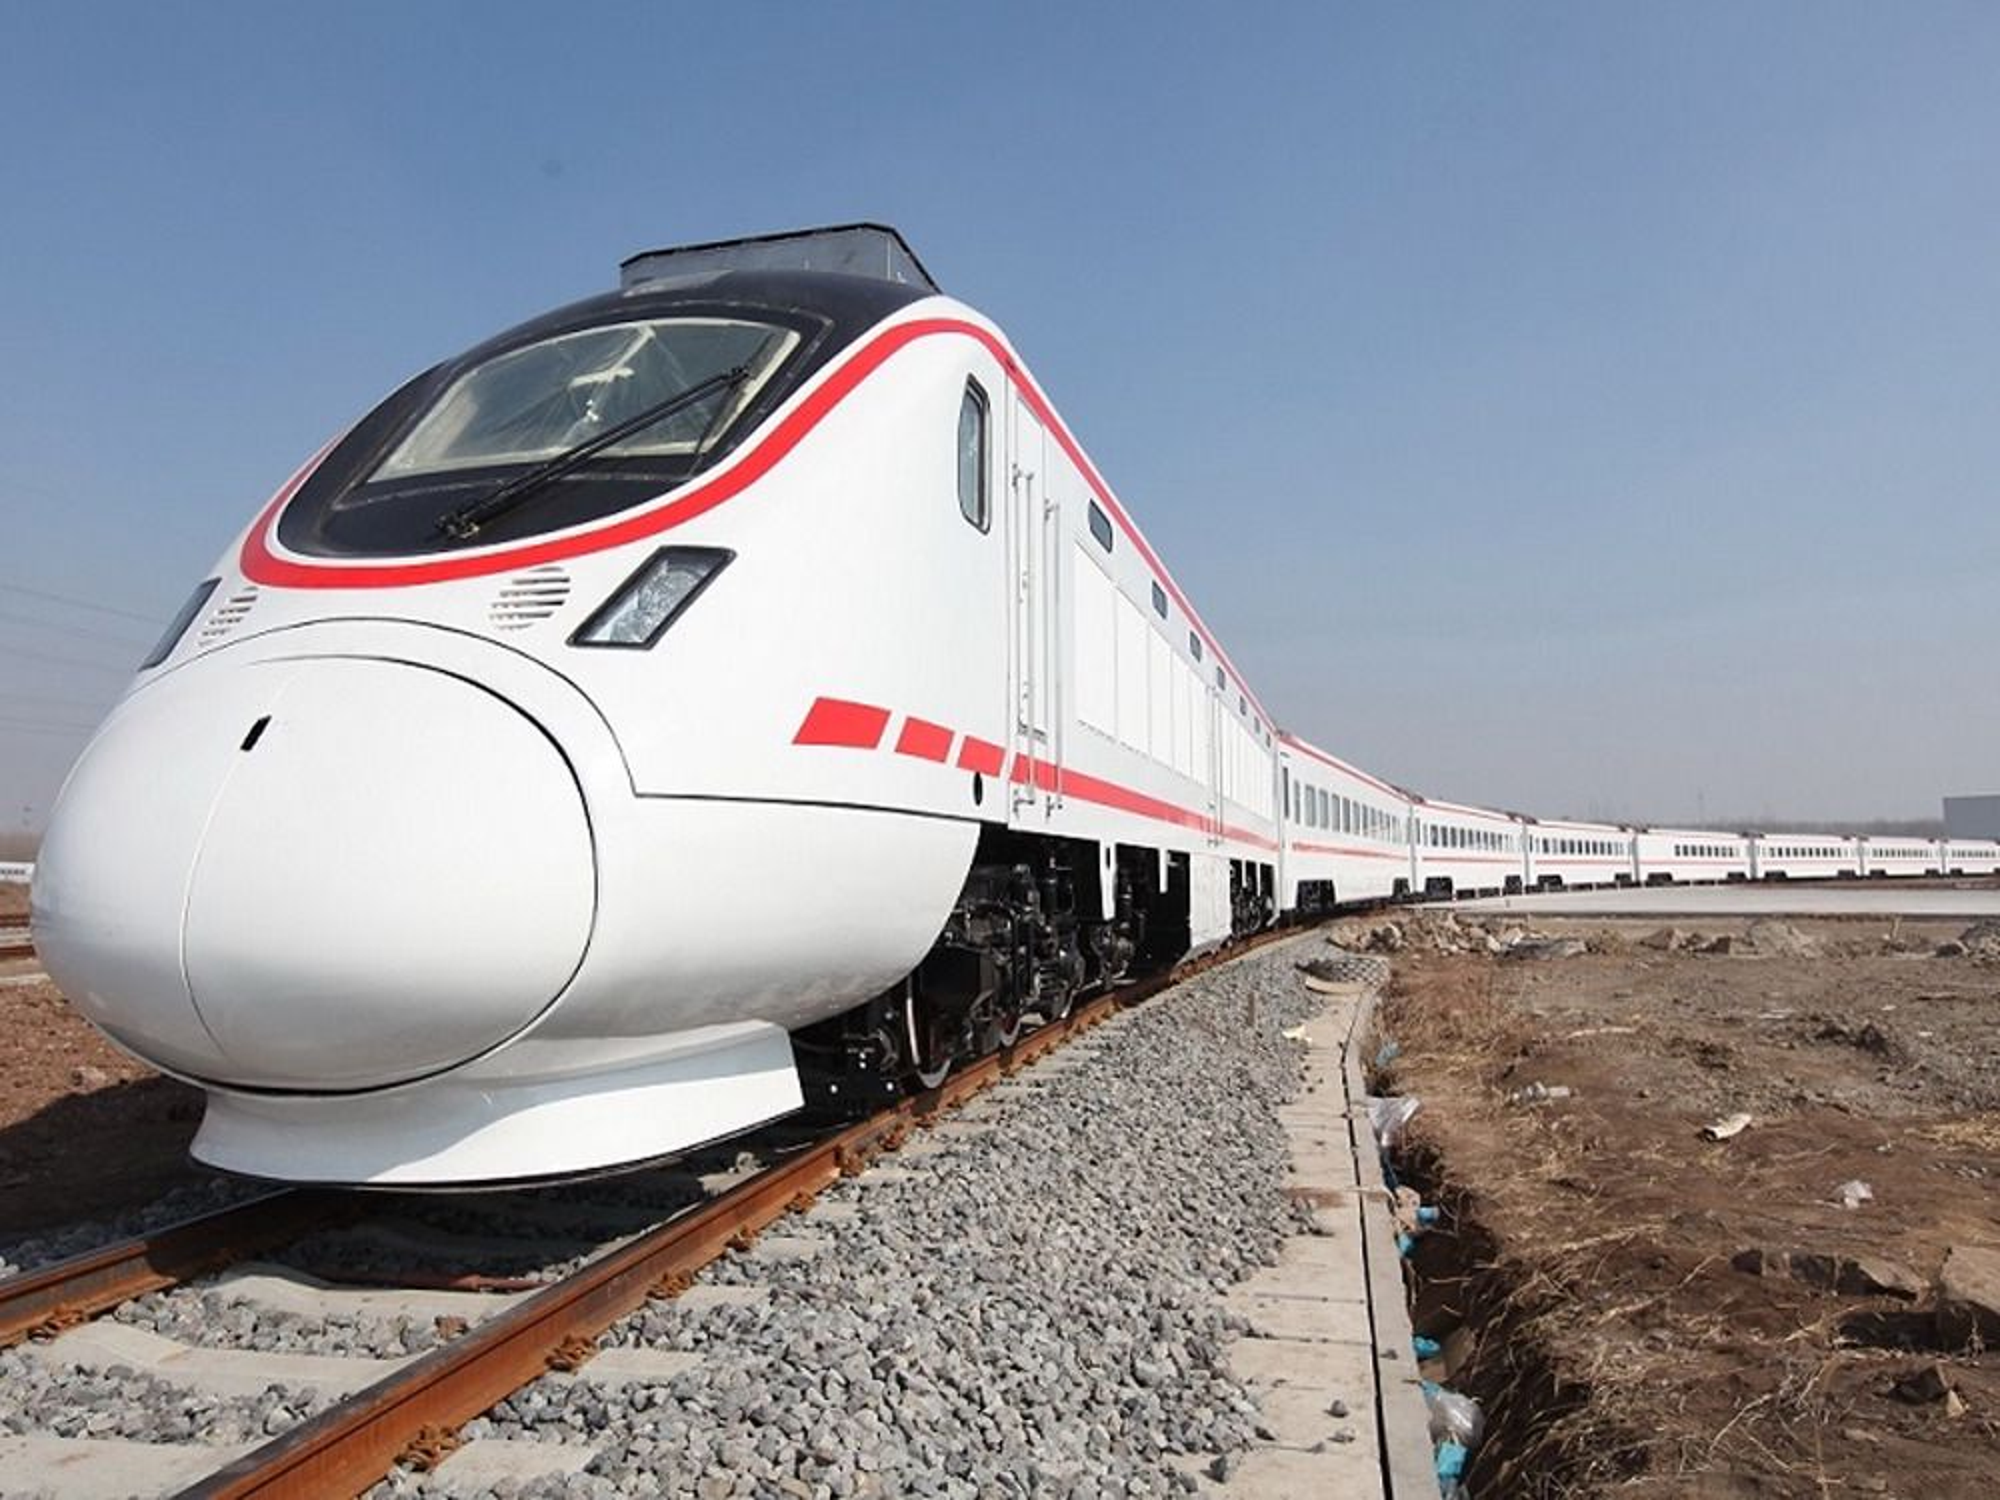 Det første av de nye togsettene til den irakiske jernbanen ble vist frem av produsenten i Qingdao nylig. Med den irakiske ambassadøren til stede.